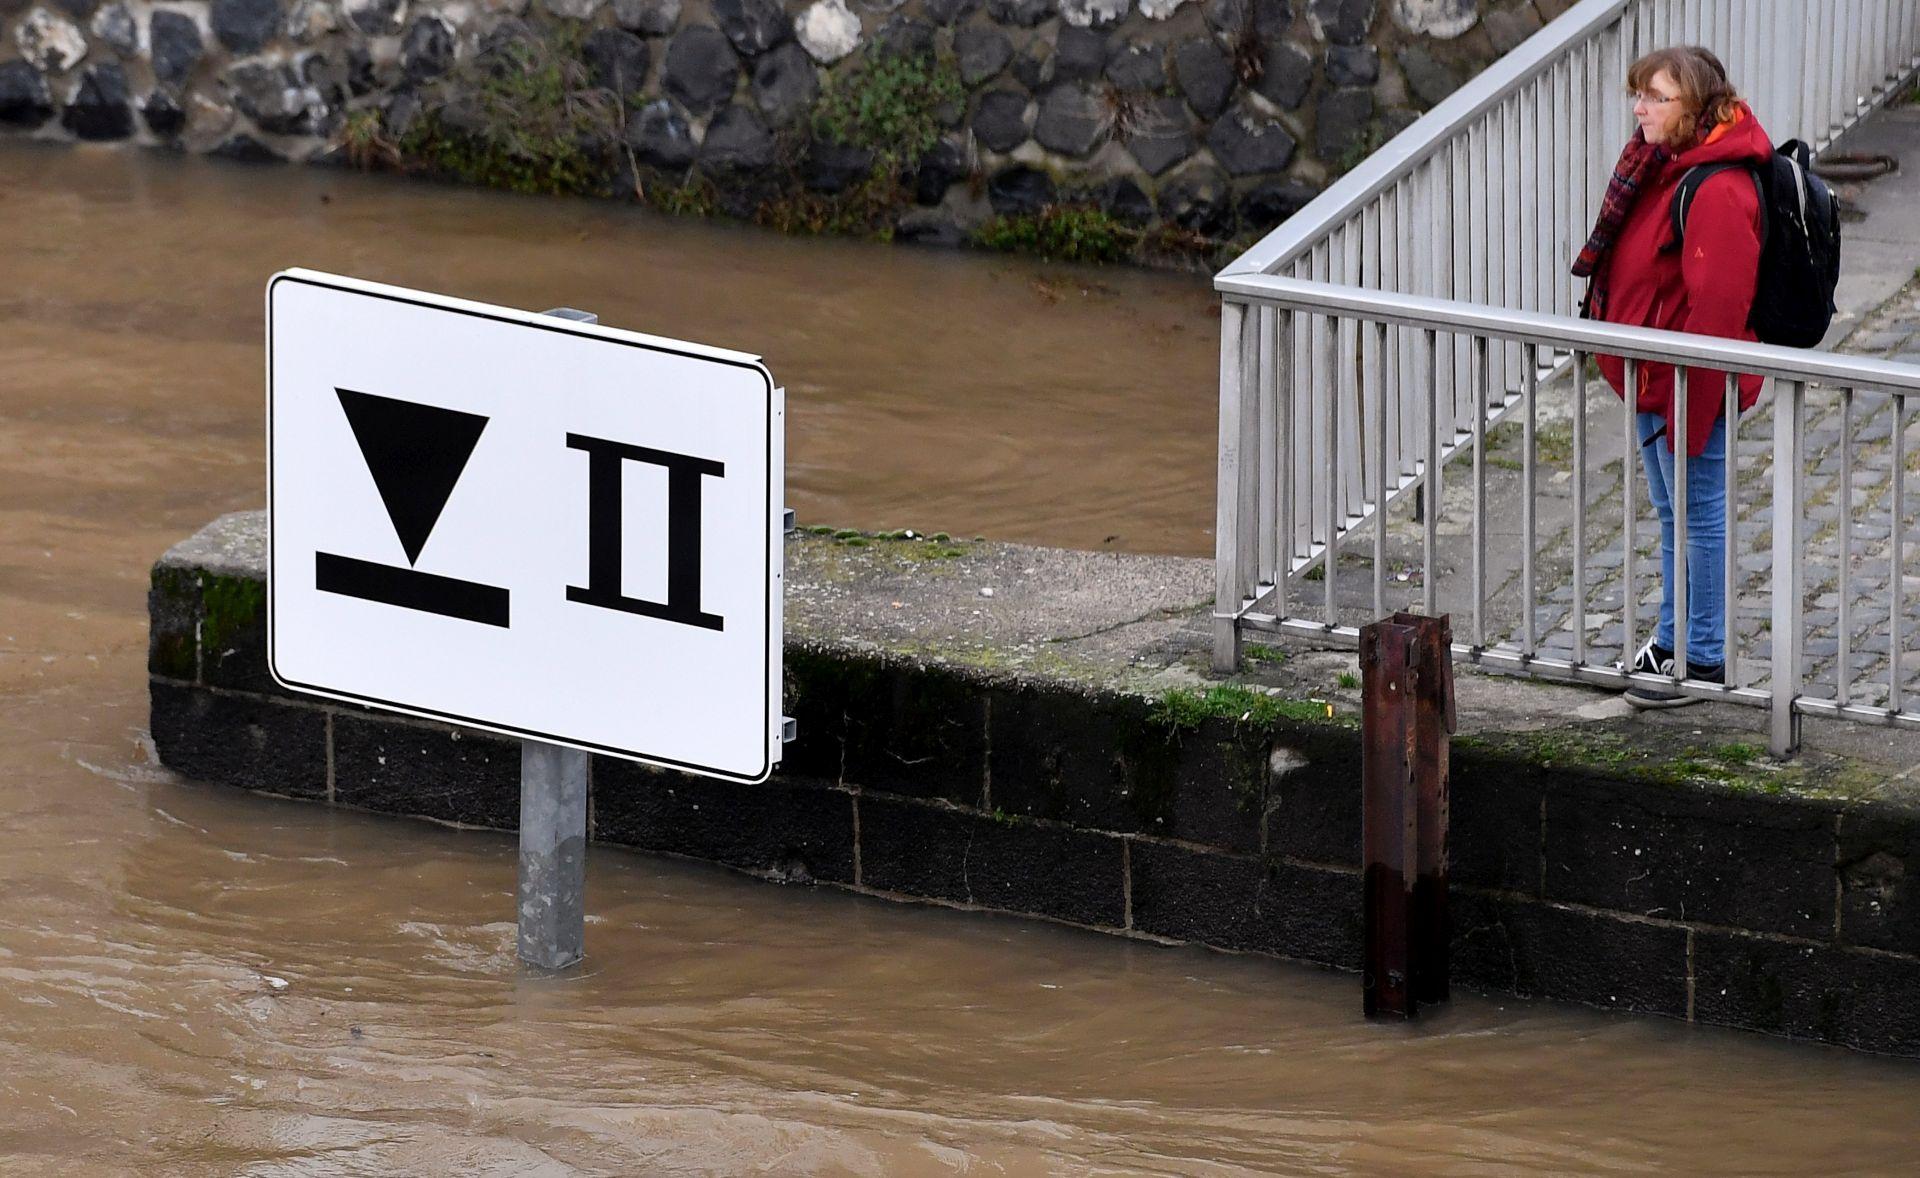 OBUSTAVLJEN PROMET RAJNOM Koeln i Duesseldorf poplavljeni